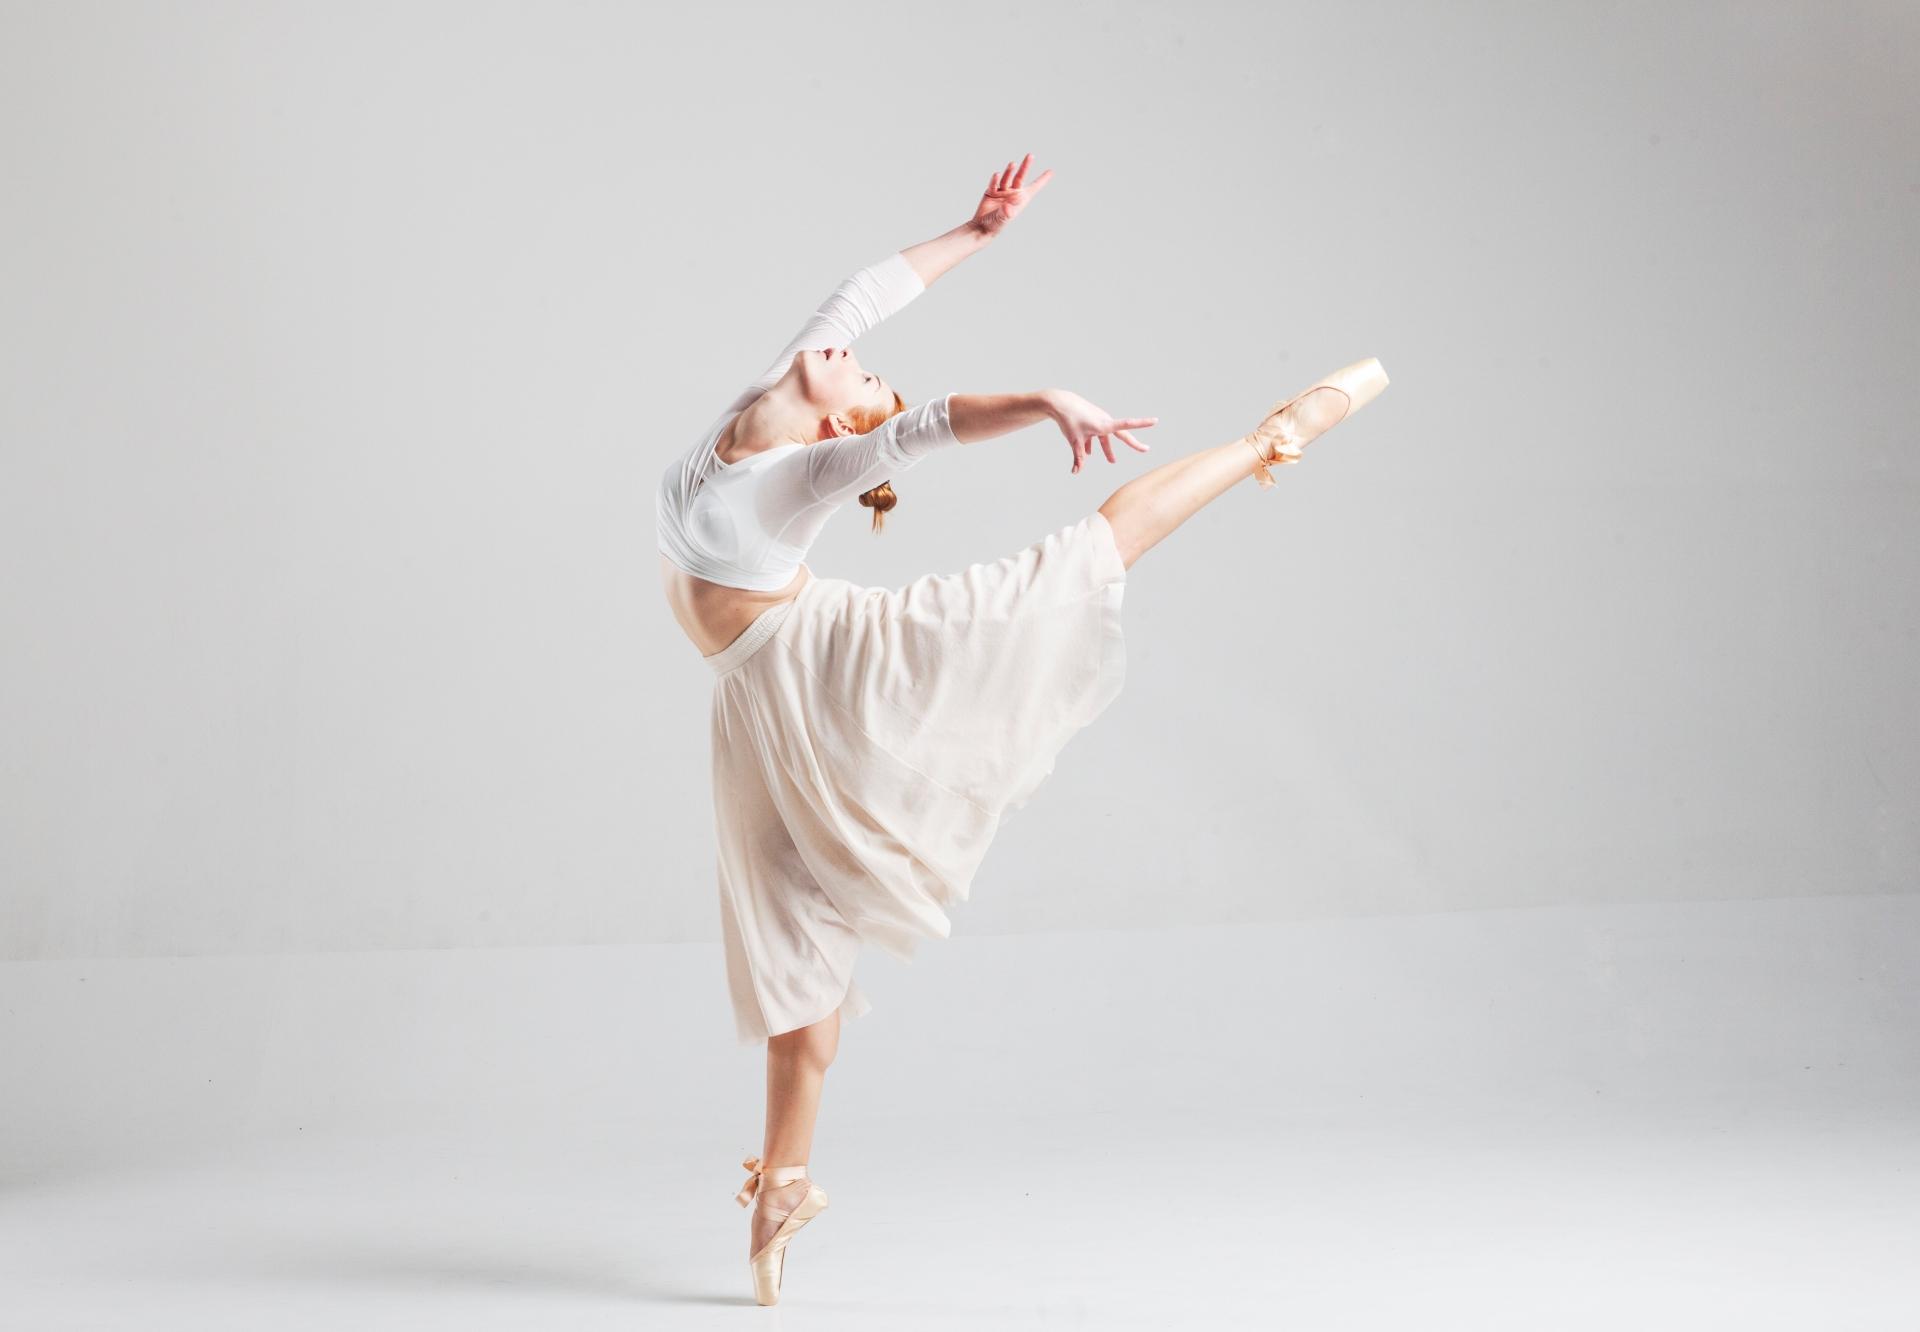 バレエの練習は自宅や自宅以外でも可能!ながら練習もおすすめ